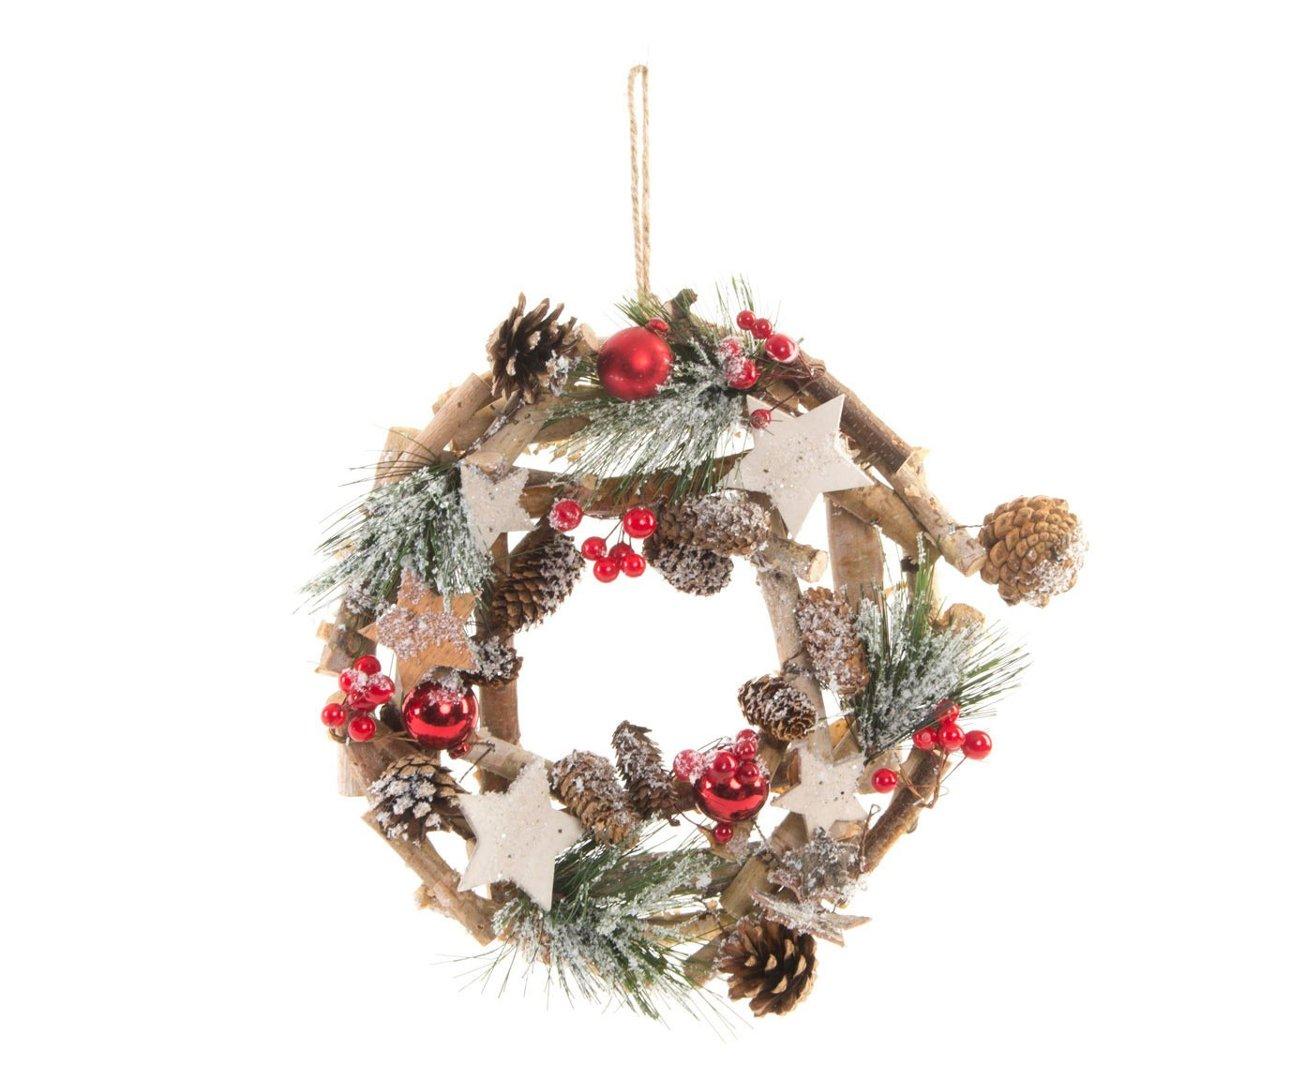 Dekoracje Na Boże Narodzenie 2018 Nowoczesność I Tradycja